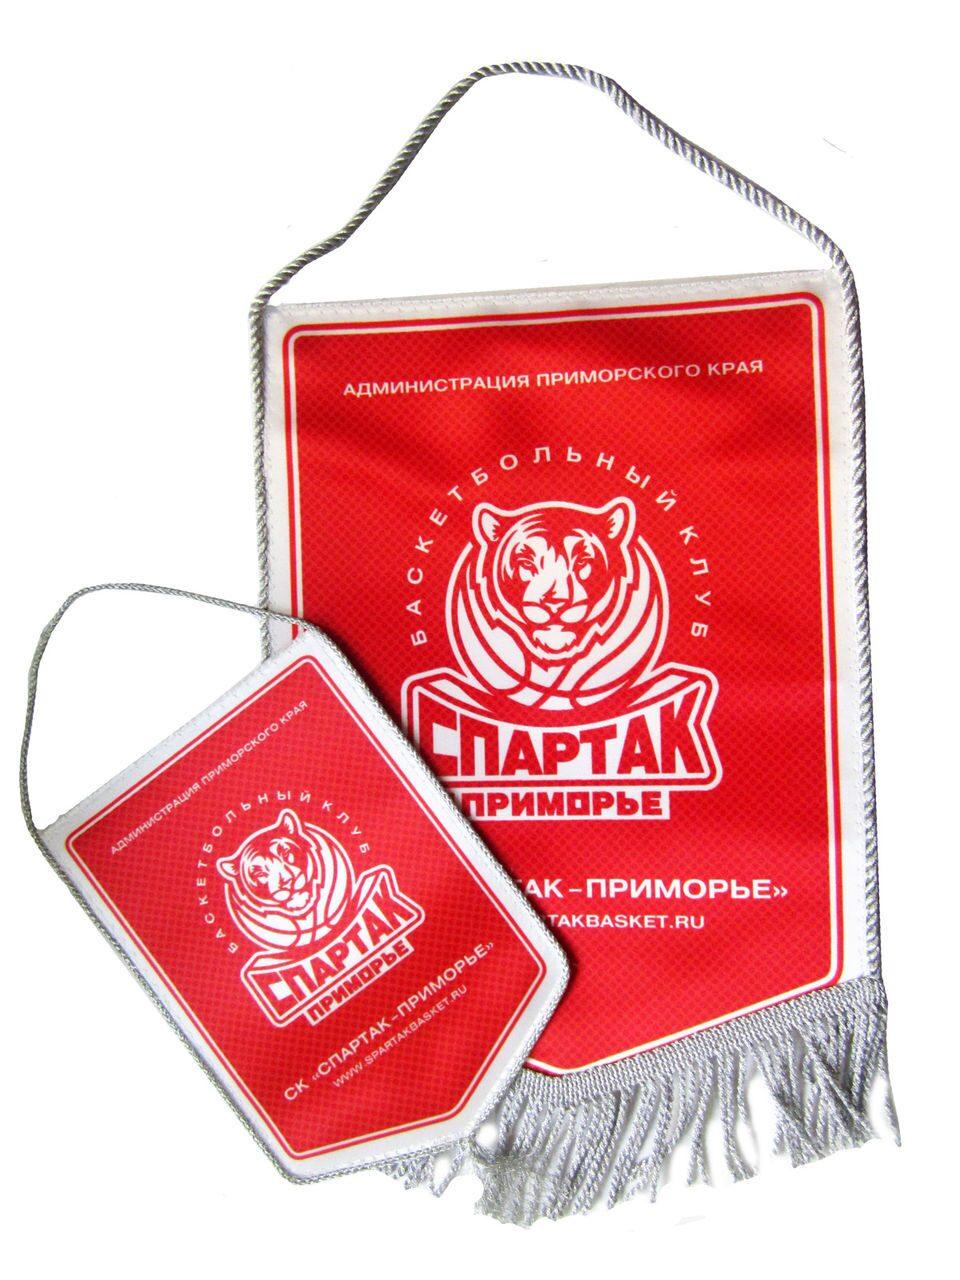 Щелковский автовокзал официальный сайт заказ билетов онлайн официальный сайт